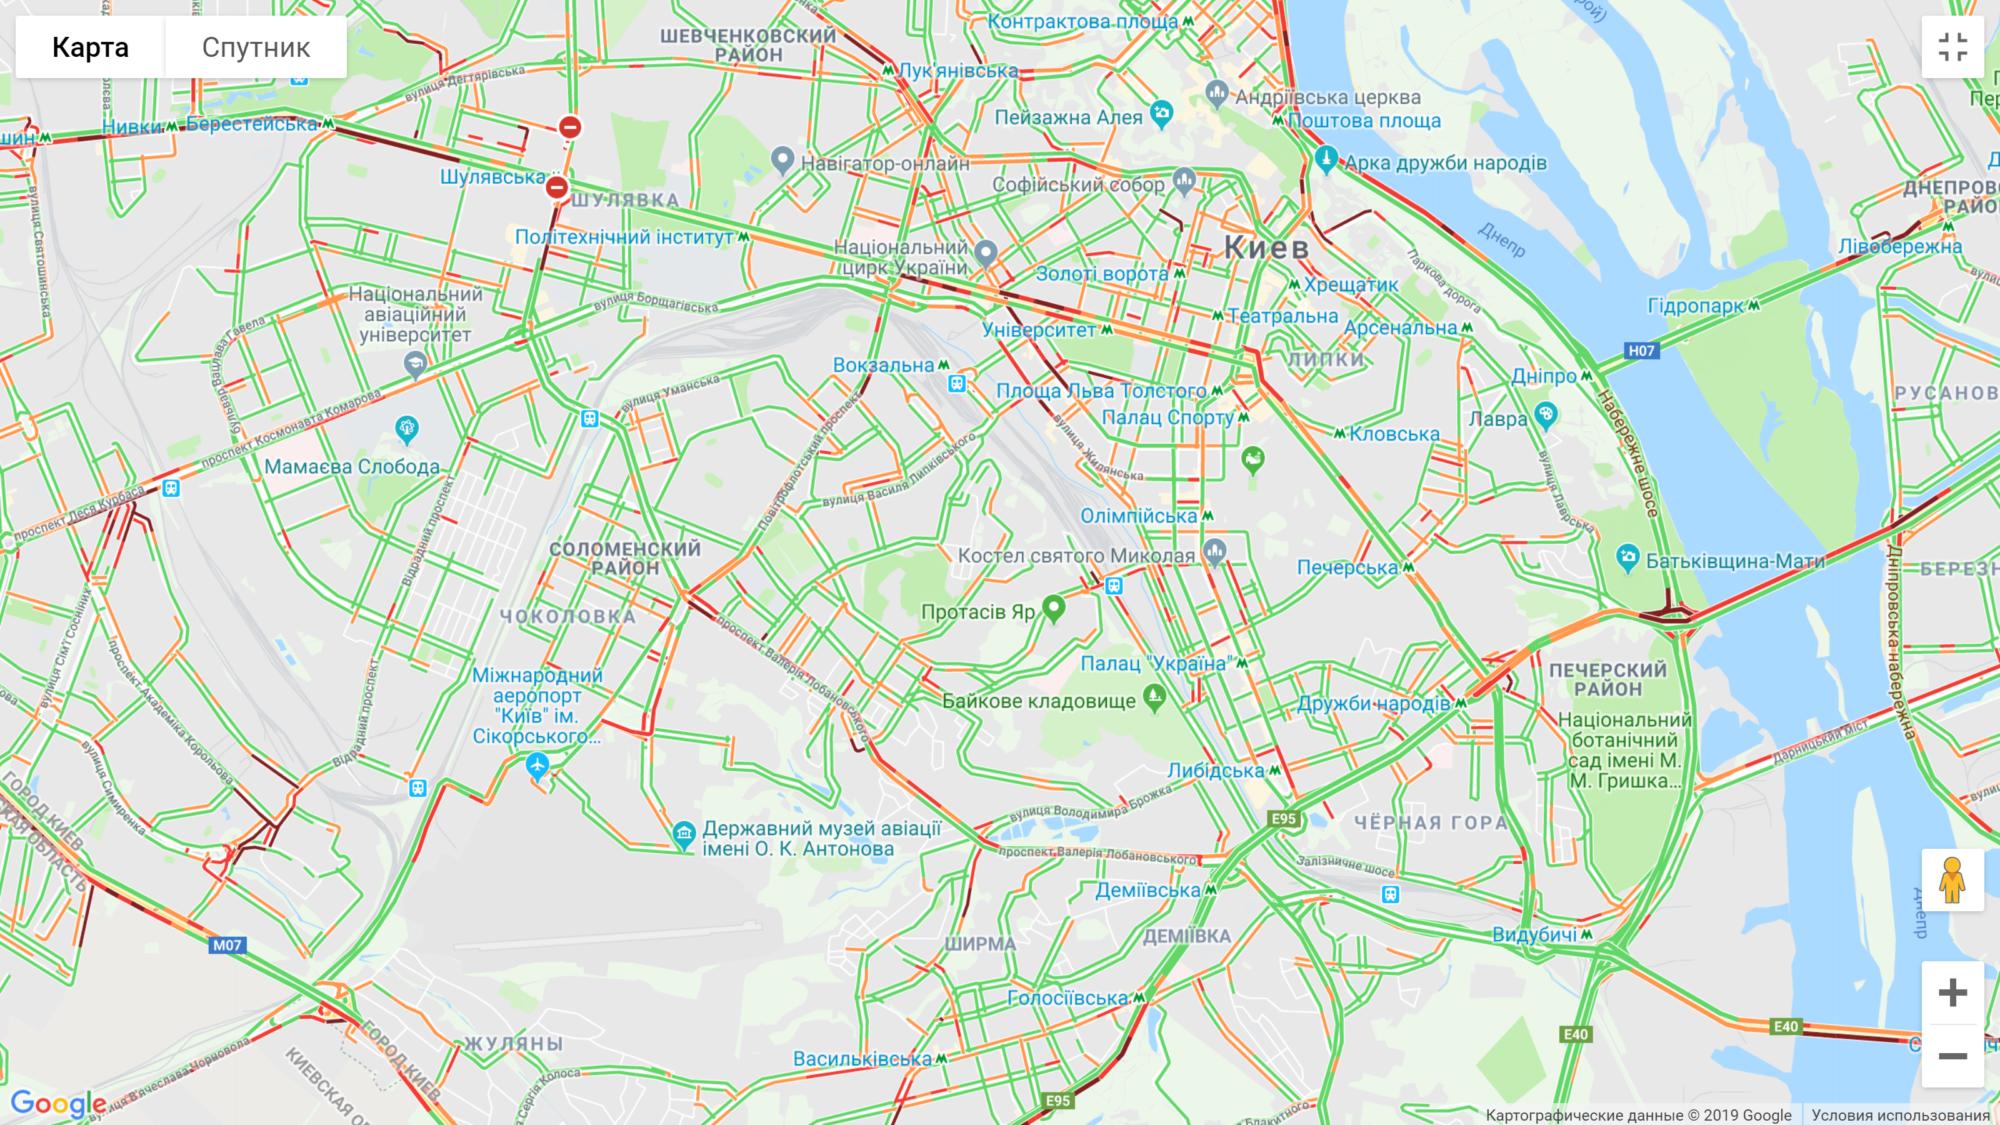 Київ: численні затори на дорогах -  - image 10 2000x1125